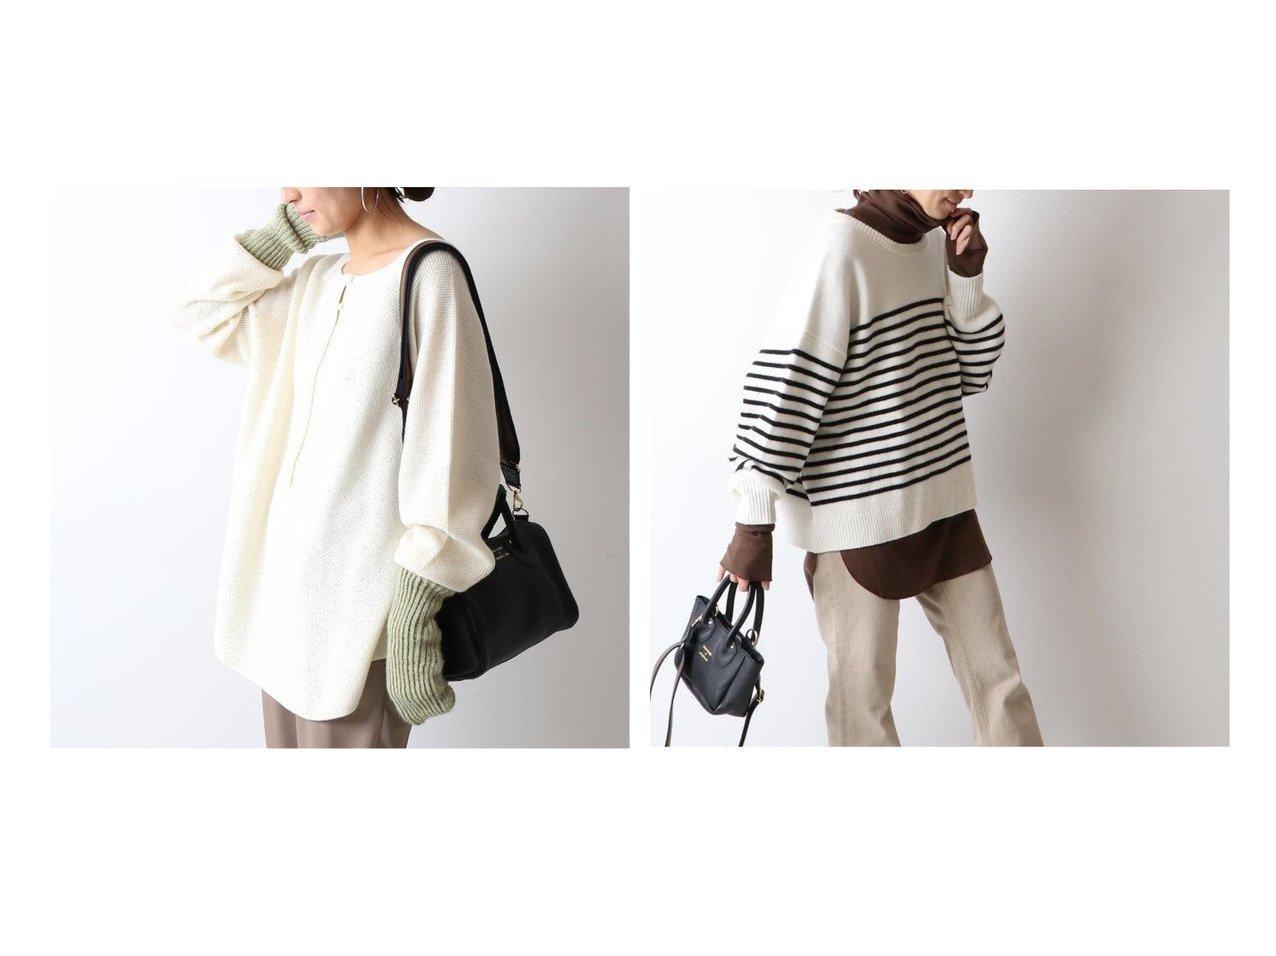 【FRAMeWORK/フレームワーク】のラウンドヘム タートルネック2&ウールワッフル ヘンリーネック3 FRAMeWORKのおすすめ!人気、トレンド・レディースファッションの通販  おすすめで人気の流行・トレンド、ファッションの通販商品 メンズファッション・キッズファッション・インテリア・家具・レディースファッション・服の通販 founy(ファニー) https://founy.com/ ファッション Fashion レディースファッション WOMEN トップス Tops Tshirt ニット Knit Tops シャツ/ブラウス Shirts Blouses ロング / Tシャツ T-Shirts カットソー Cut and Sewn タートルネック Turtleneck 2020年 2020 2020-2021 秋冬 A/W AW Autumn/Winter / FW Fall-Winter 2020-2021 A/W 秋冬 AW Autumn/Winter / FW Fall-Winter シンプル セーター ワッフル 再入荷 Restock/Back in Stock/Re Arrival カットソー スリット タートル タートルネック フィット |ID:crp329100000017322